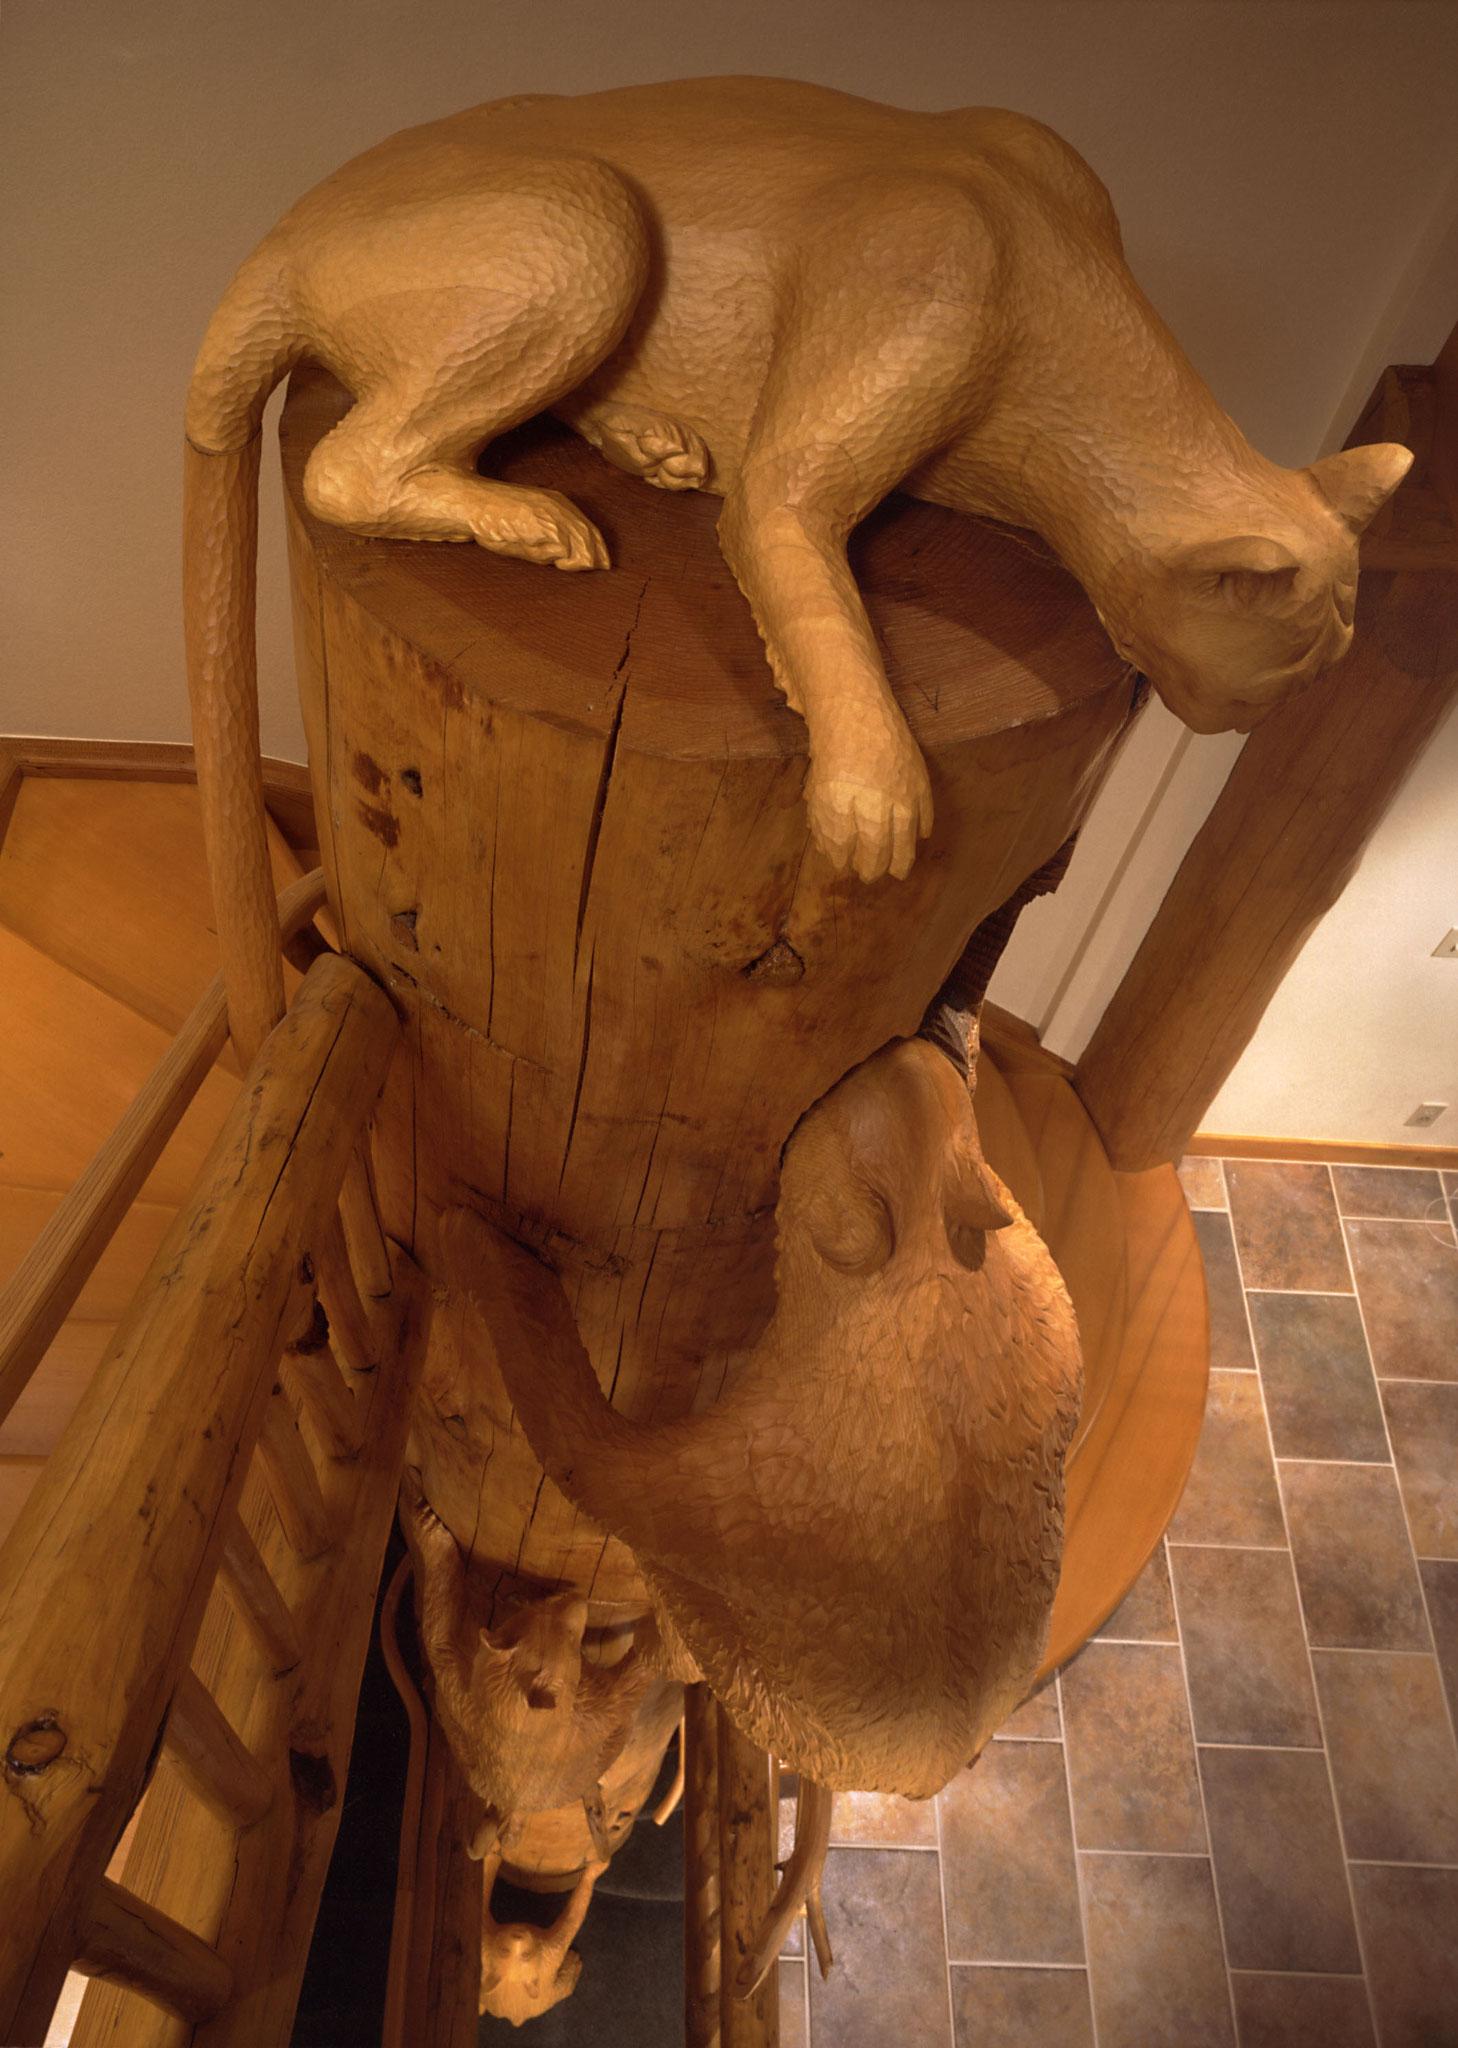 Holzskulptur Puma Bär lebensgross